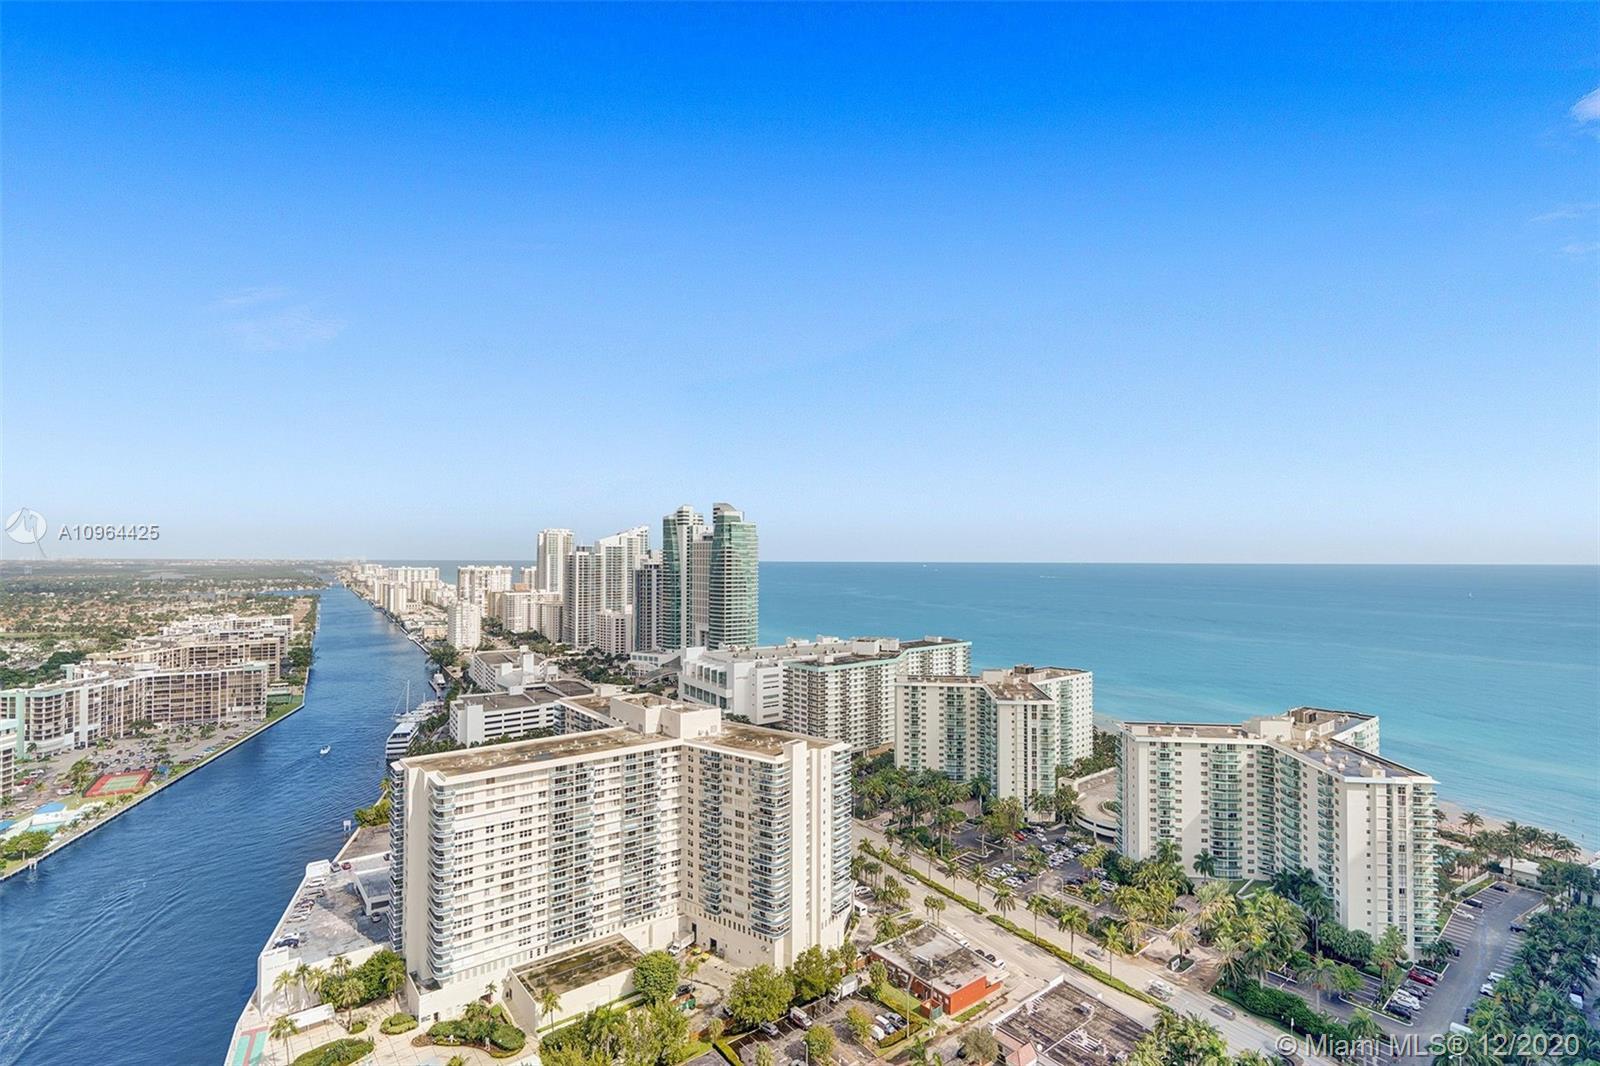 Hyde Beach House, 4010 S Ocean Dr Unit 3001- R, Hollywood, Florida 33019